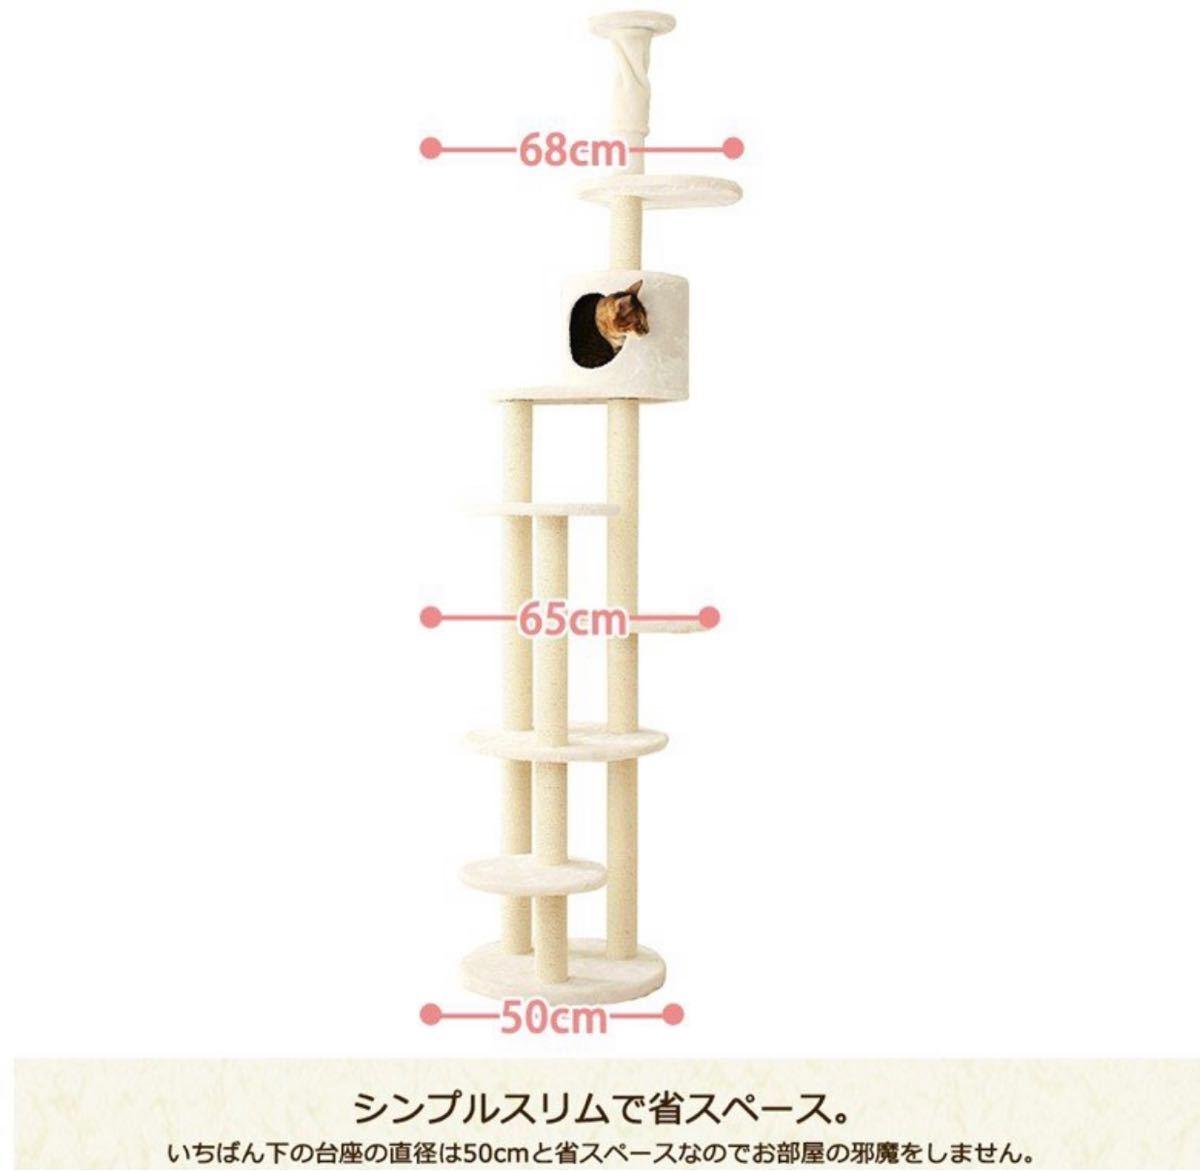 キャットタワー Mauタワー トルテ 突っ張りタイプ ホワイト 突っ張り 猫タワー 爪とぎ ペット用品 据え置き キャットハウス